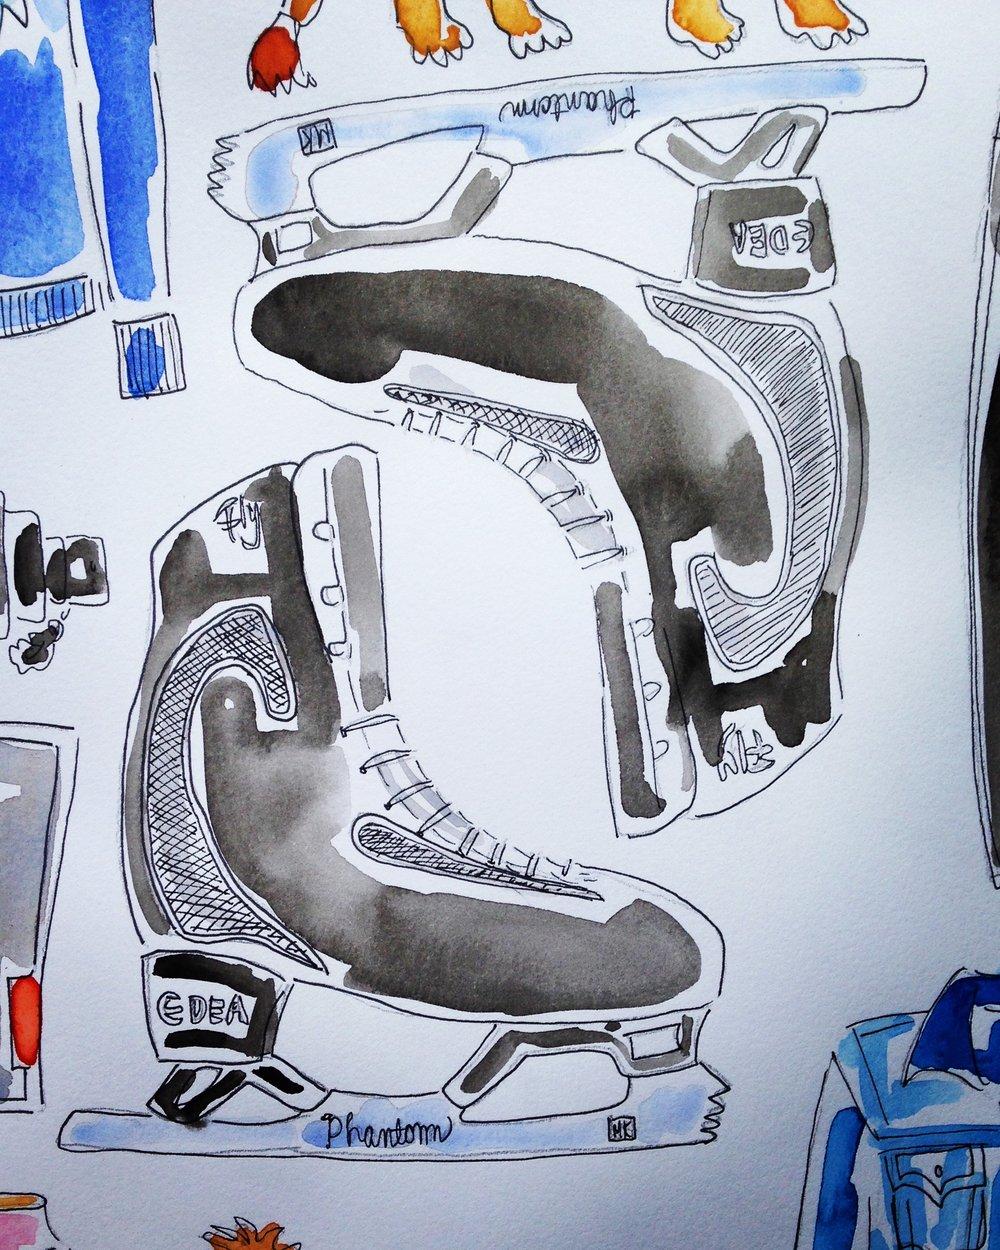 Callum's Edea ice skates with Phantom parabolic blades.